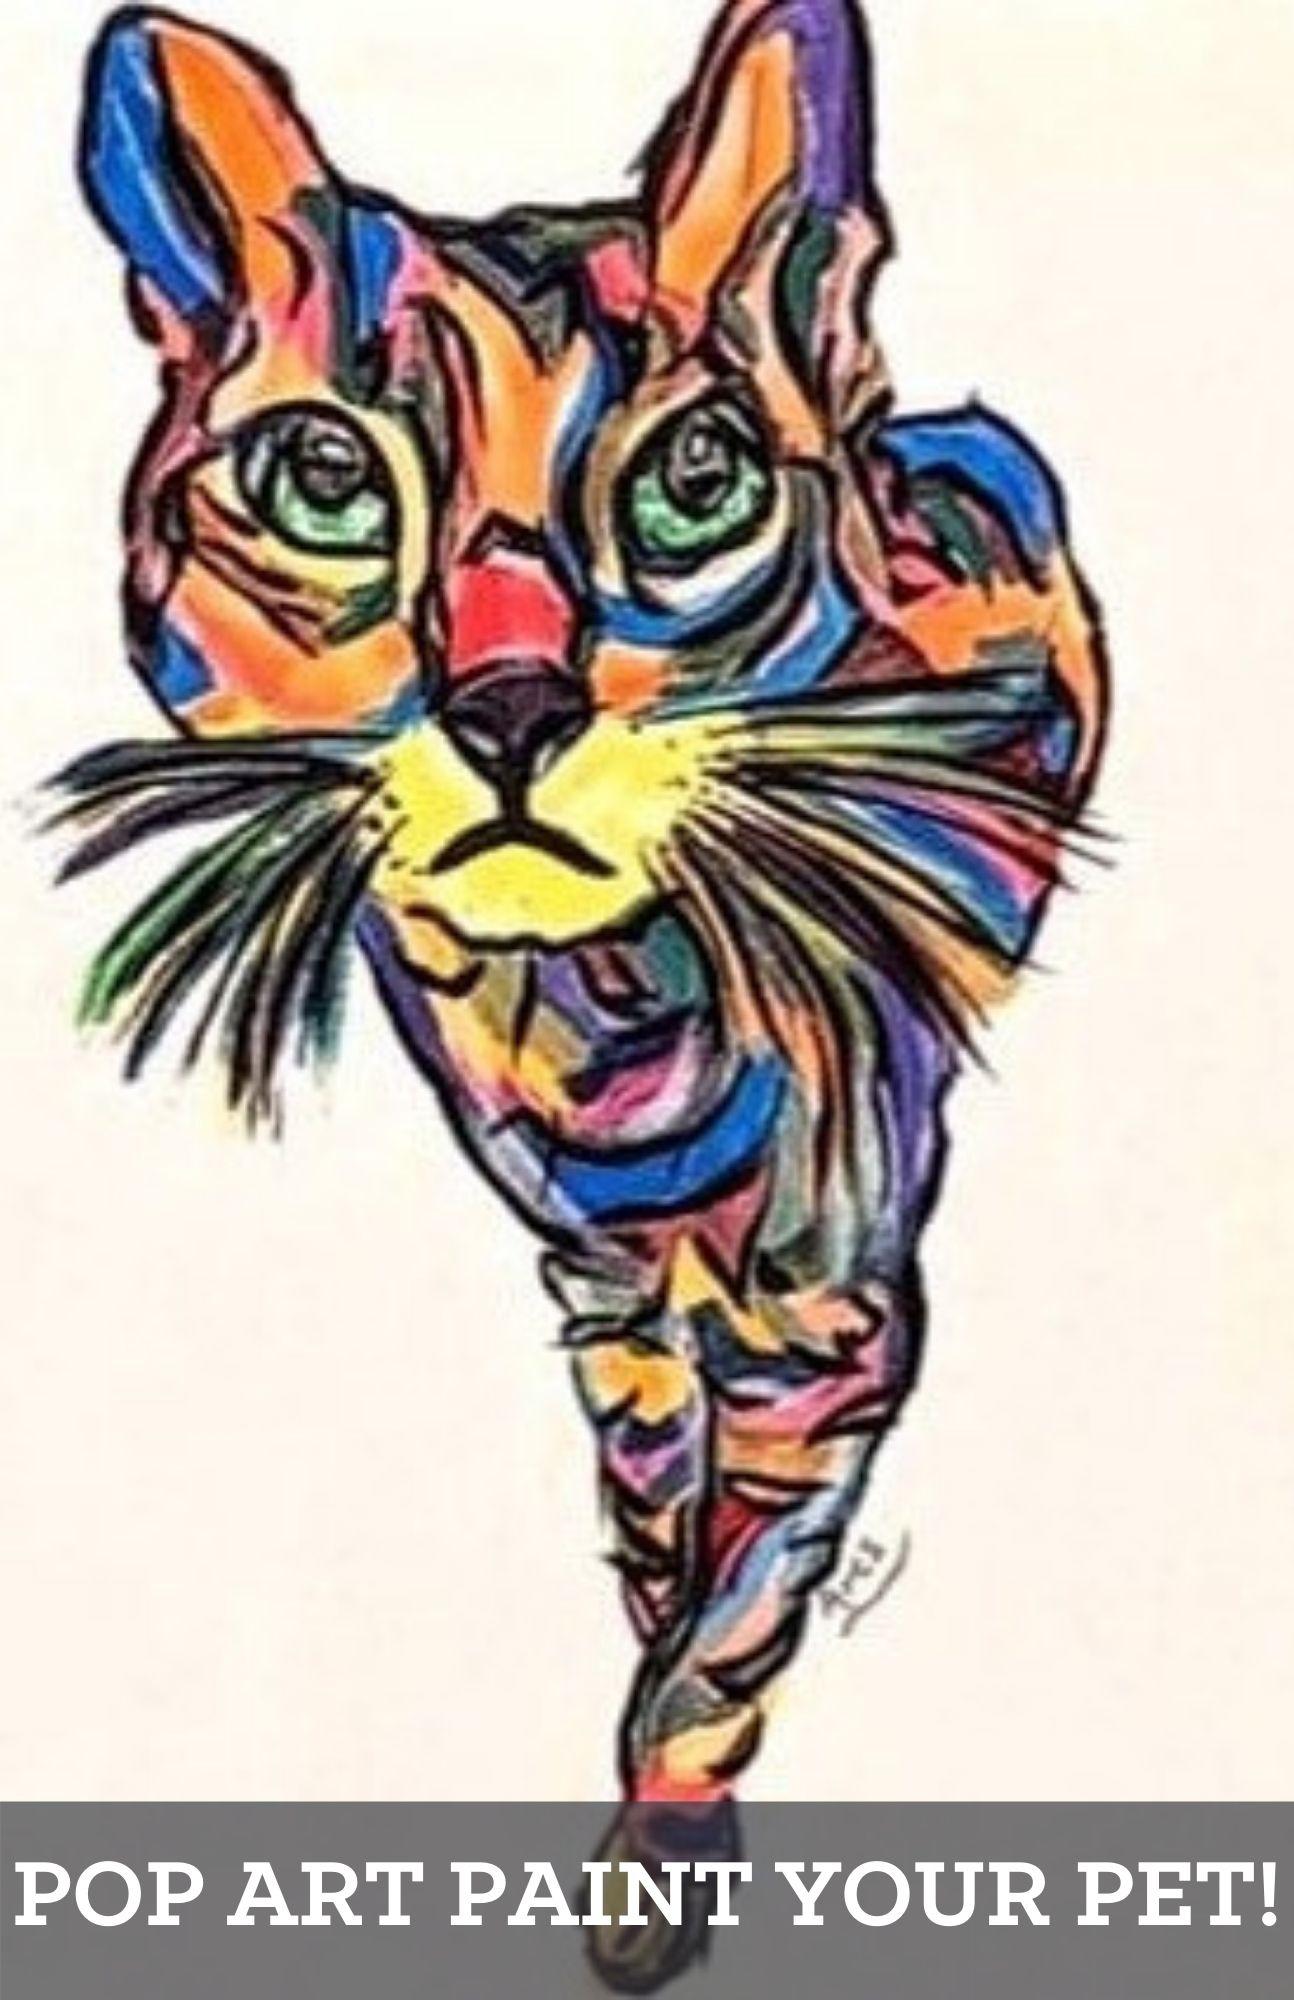 Pop Art Paint Your Pet